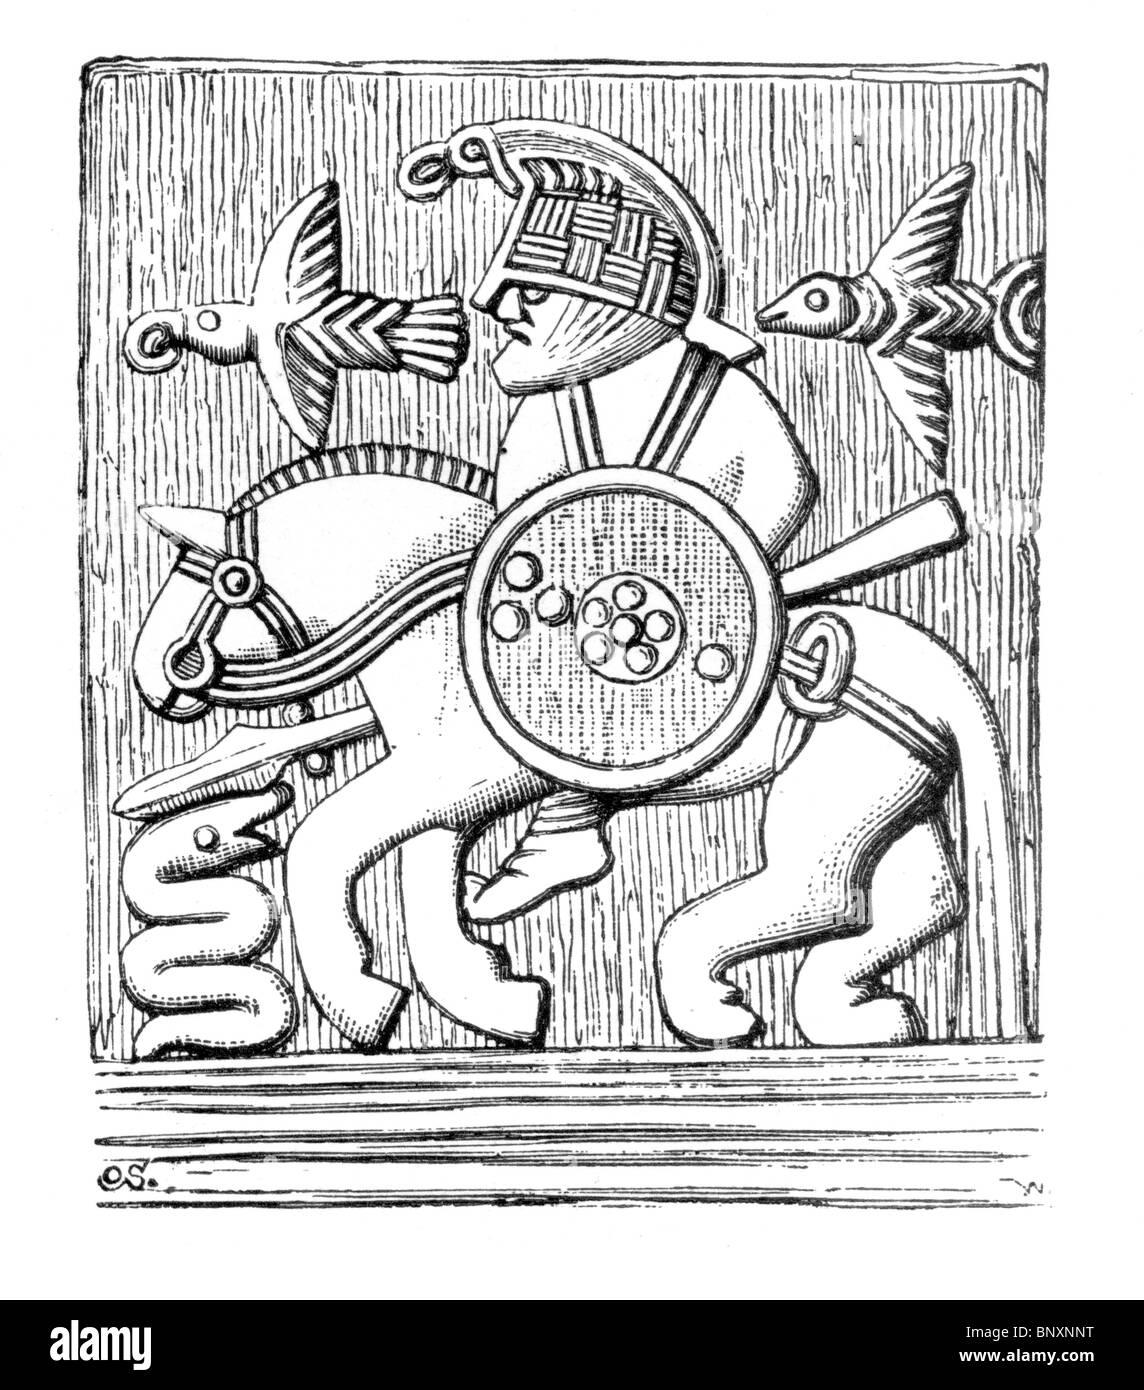 48fd78283cbe4 Ilustración en blanco y negro de la parte de un casco de hierro recubierto  con bronce